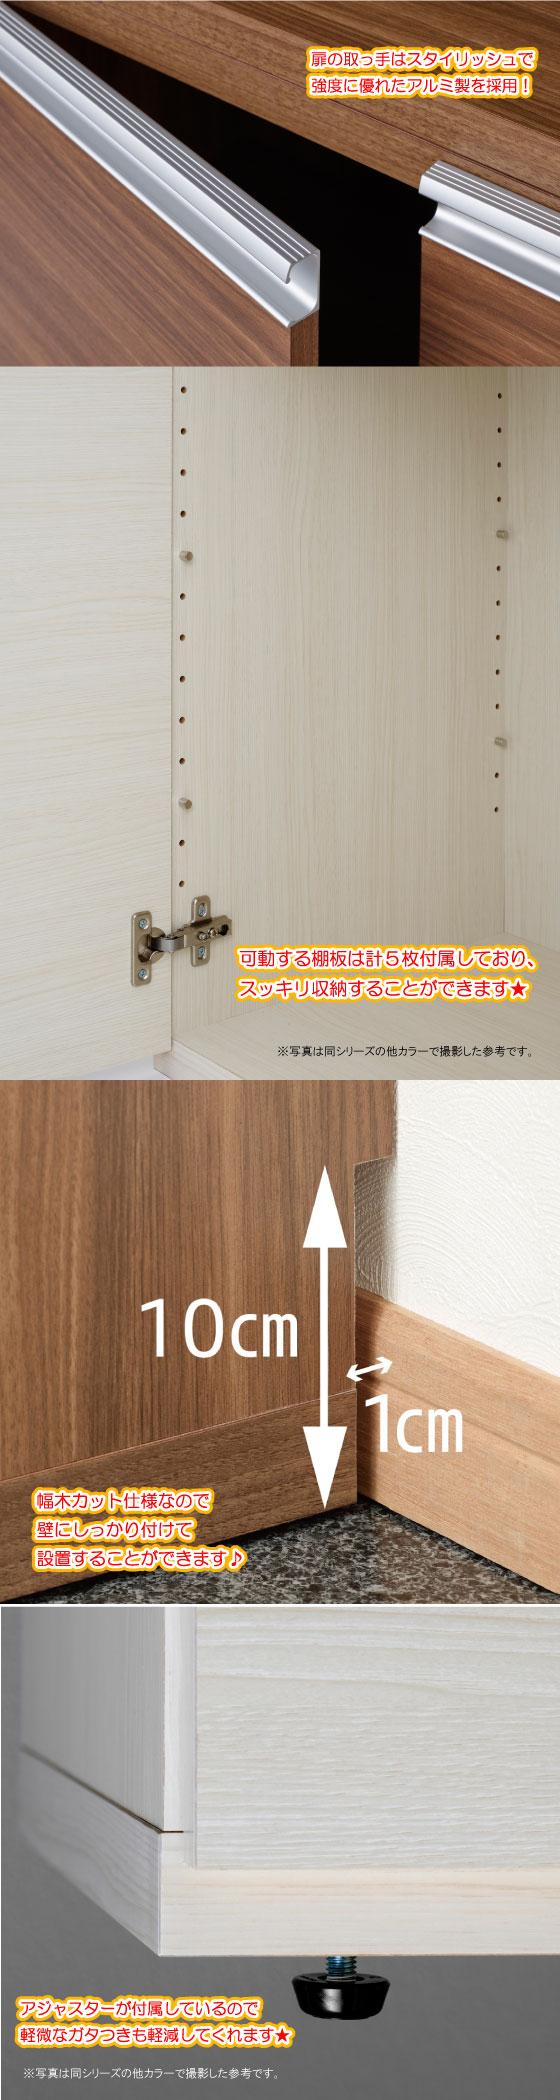 幅61cm×高さ192cm・ウォールナット柄キャビネット(完成品)